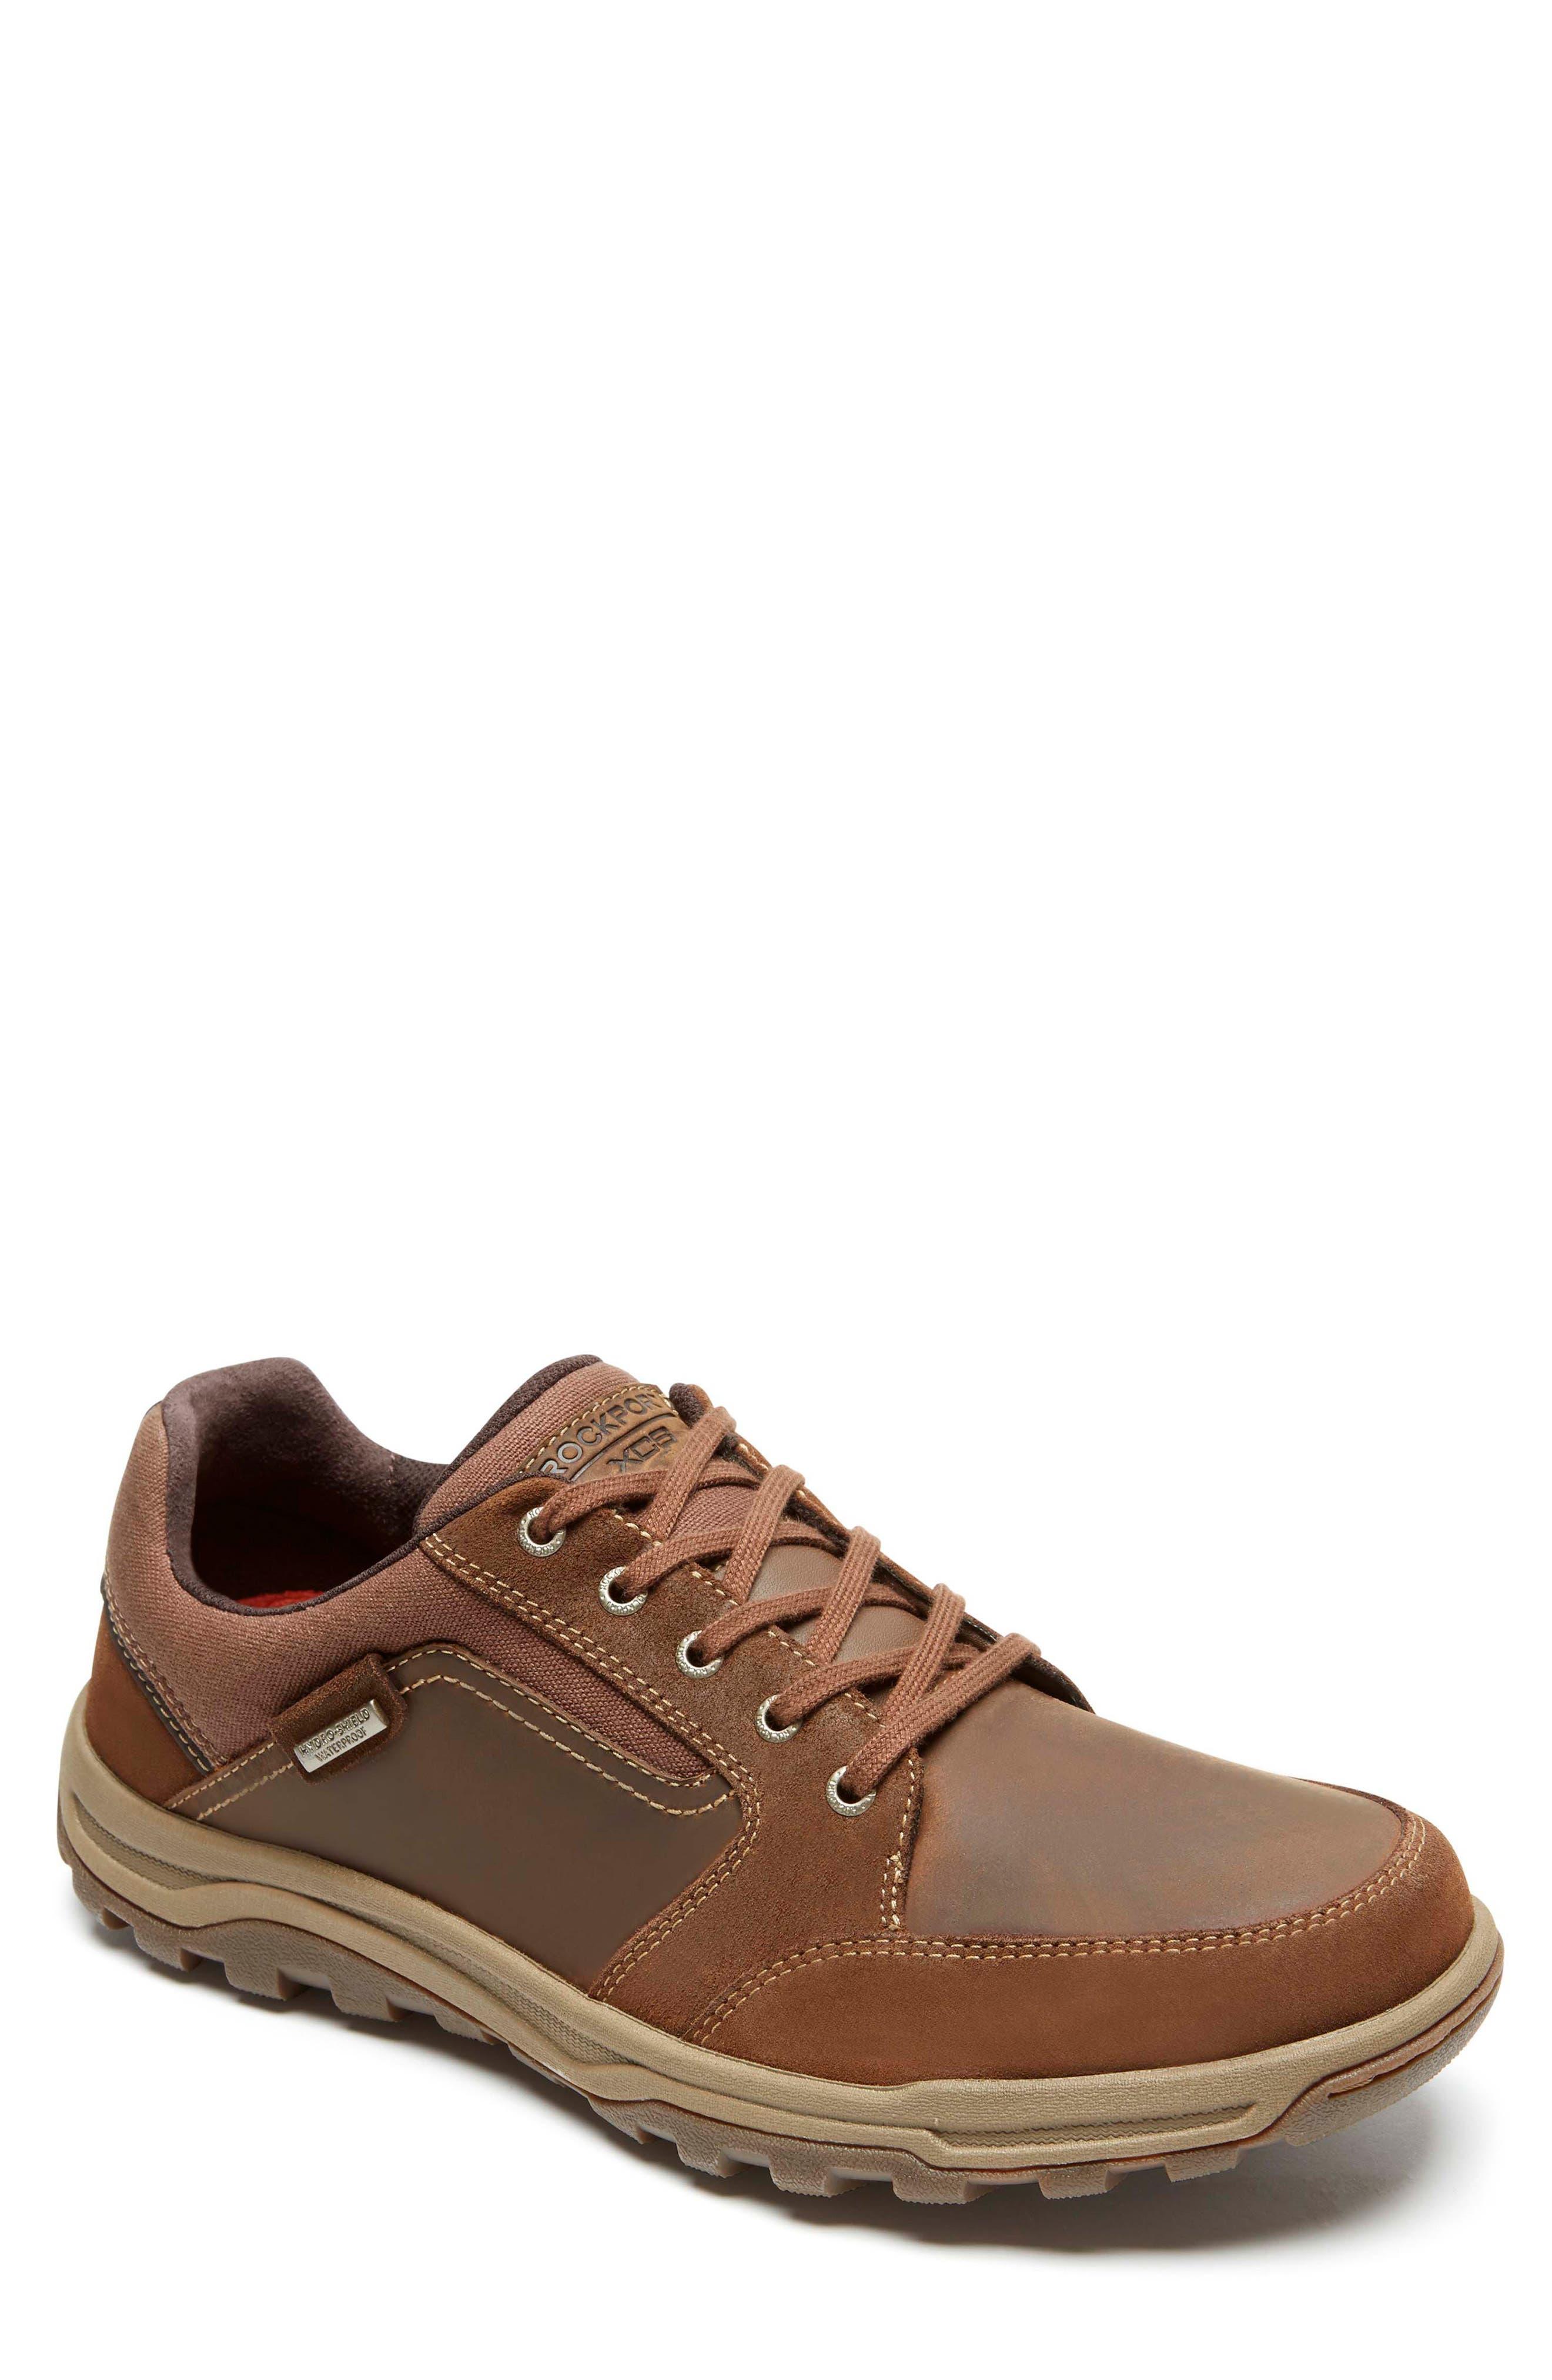 Harlee Waterproof Sneaker,                         Main,                         color, TAN LEATHER